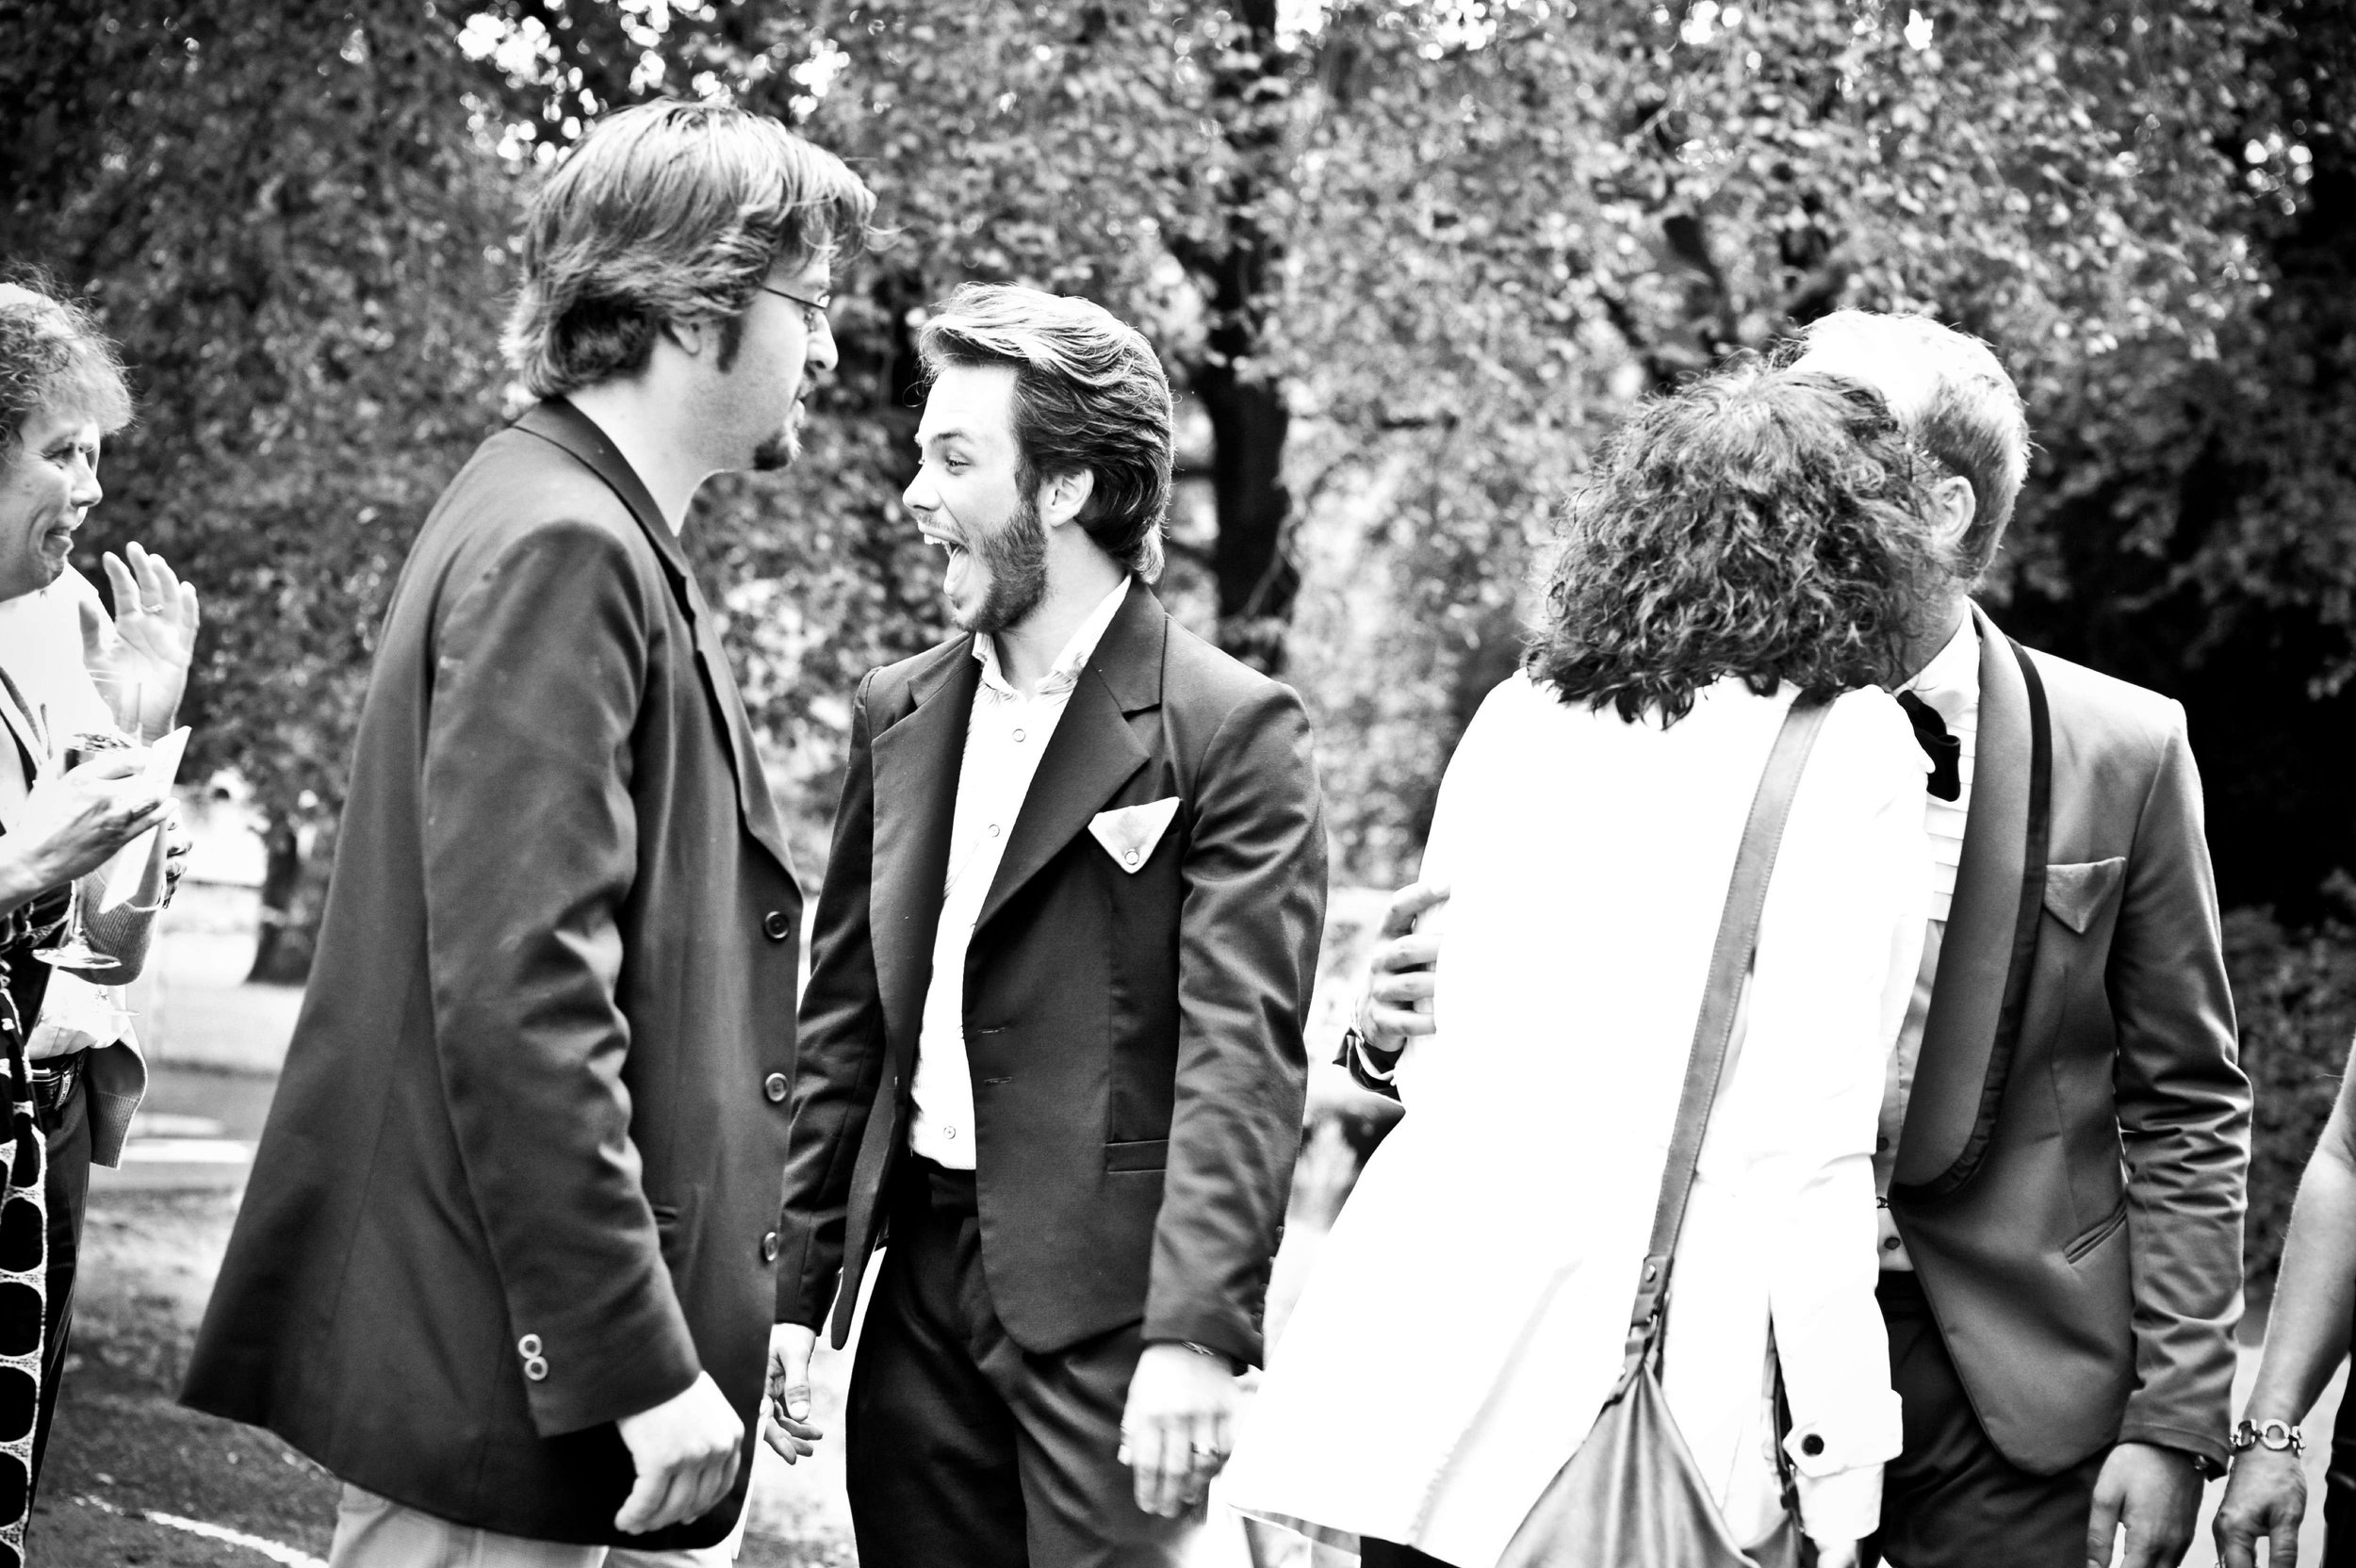 Bart Albrecht fotograaf photographer belgium belgie anbtwerpen antwerp wedding huwelijk huwelijksfotograaf trouwfotograaf trouw bruid bruidegom trouwkleed ceremonie weddingdress topphotographer topfotograaf beste best top 10 189.jpg